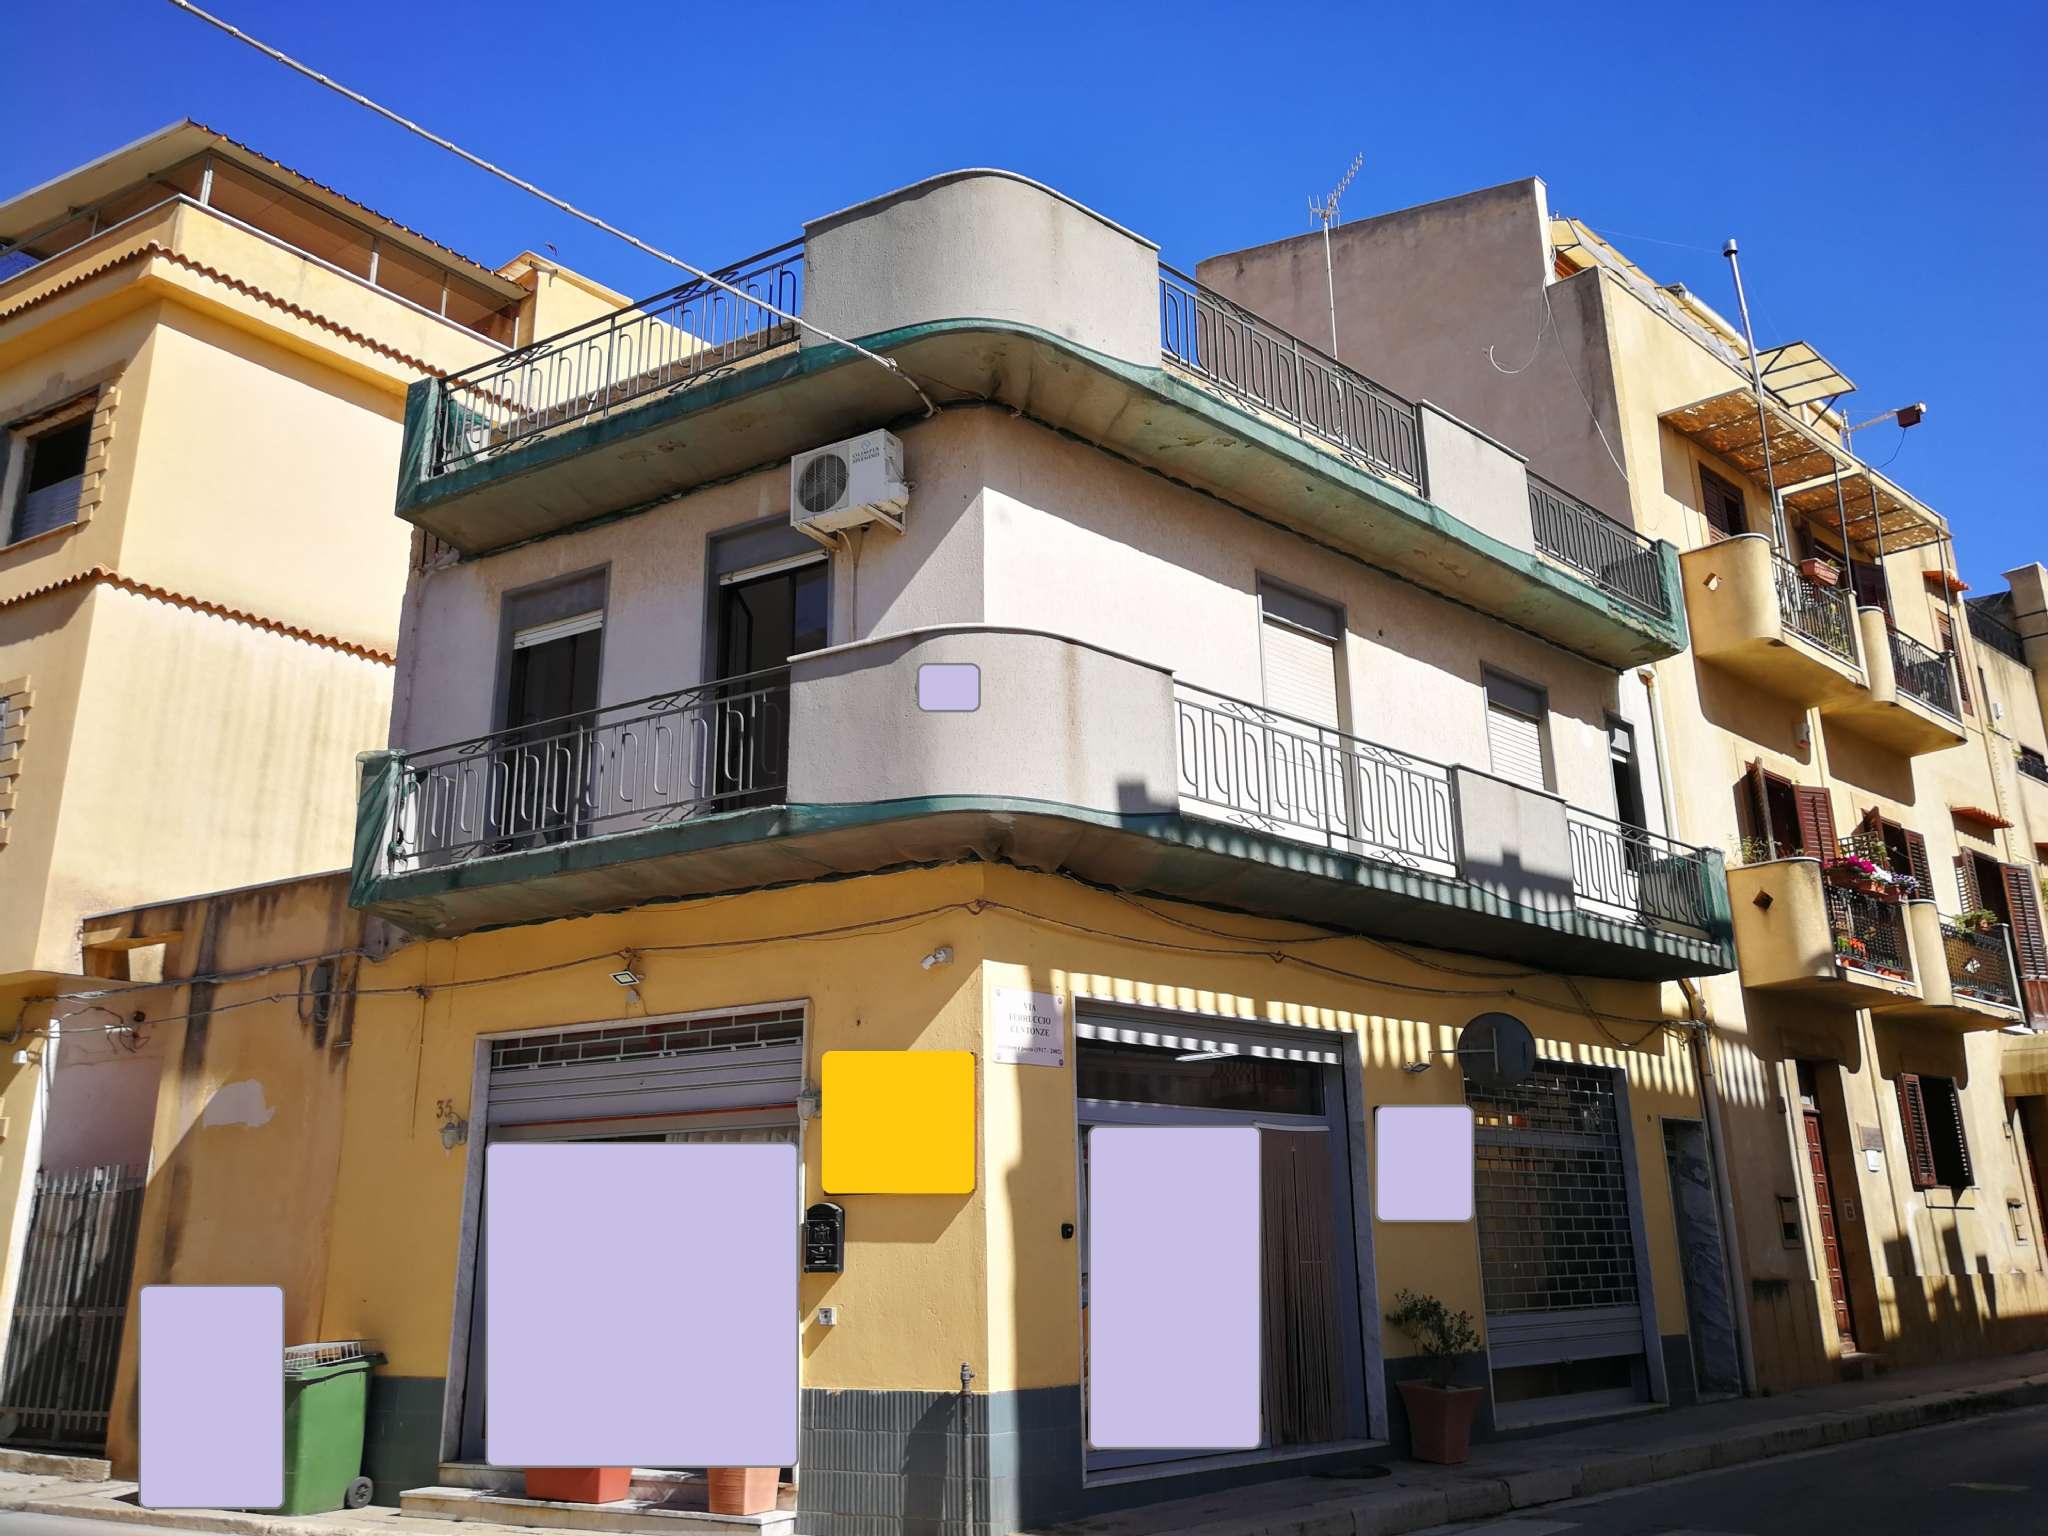 Appartamento in vendita a Castelvetrano, 6 locali, prezzo € 30.000 | PortaleAgenzieImmobiliari.it